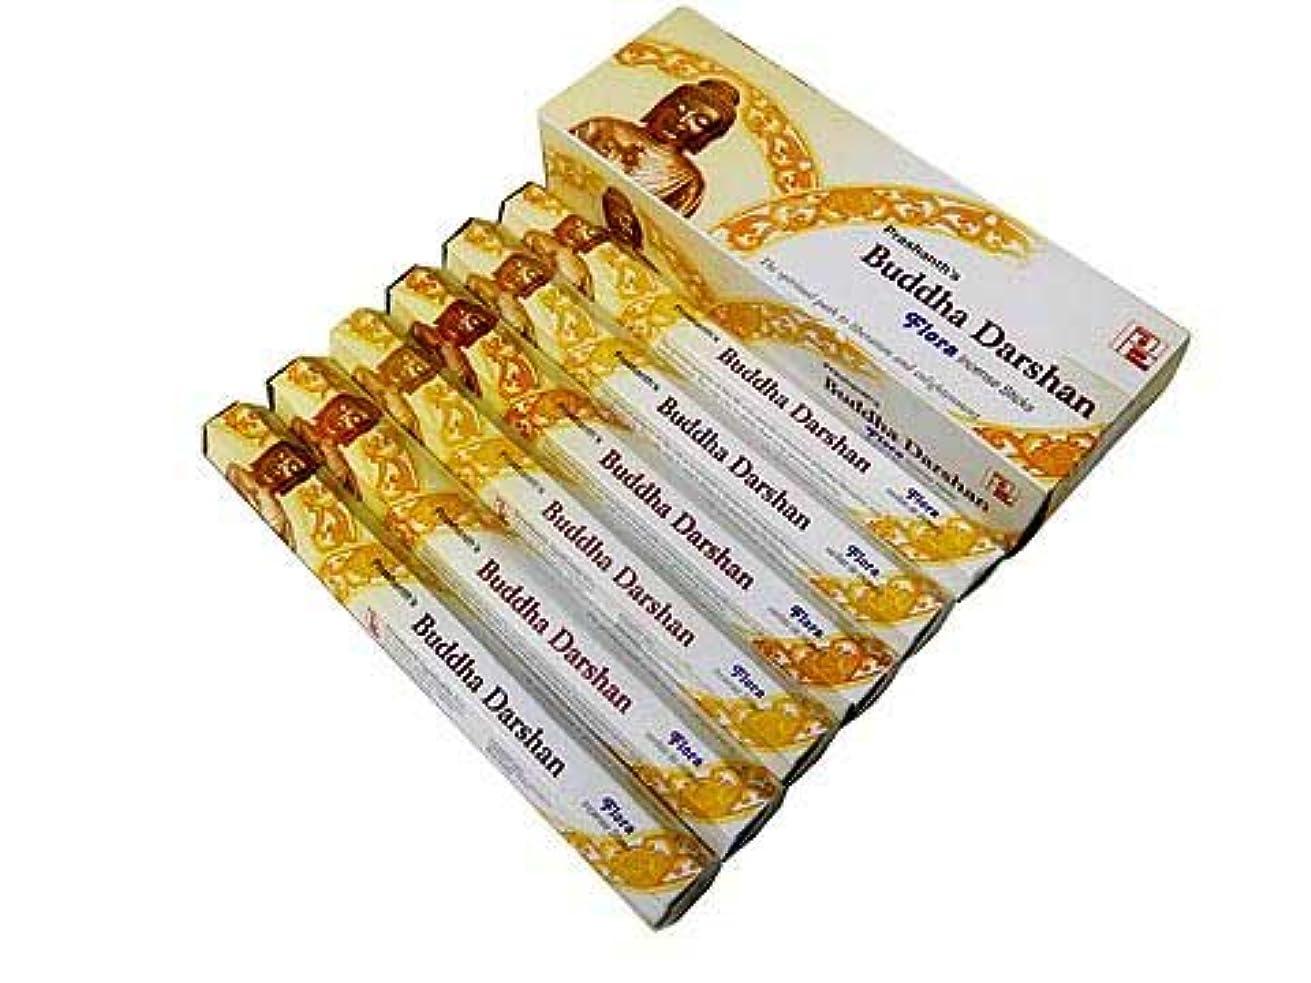 アレキサンダーグラハムベルトラック年DARSHAN(ダルシャン) ブッダダルシャン香 マサラスティック PRASHANTH'S BUDDHA 6箱セット